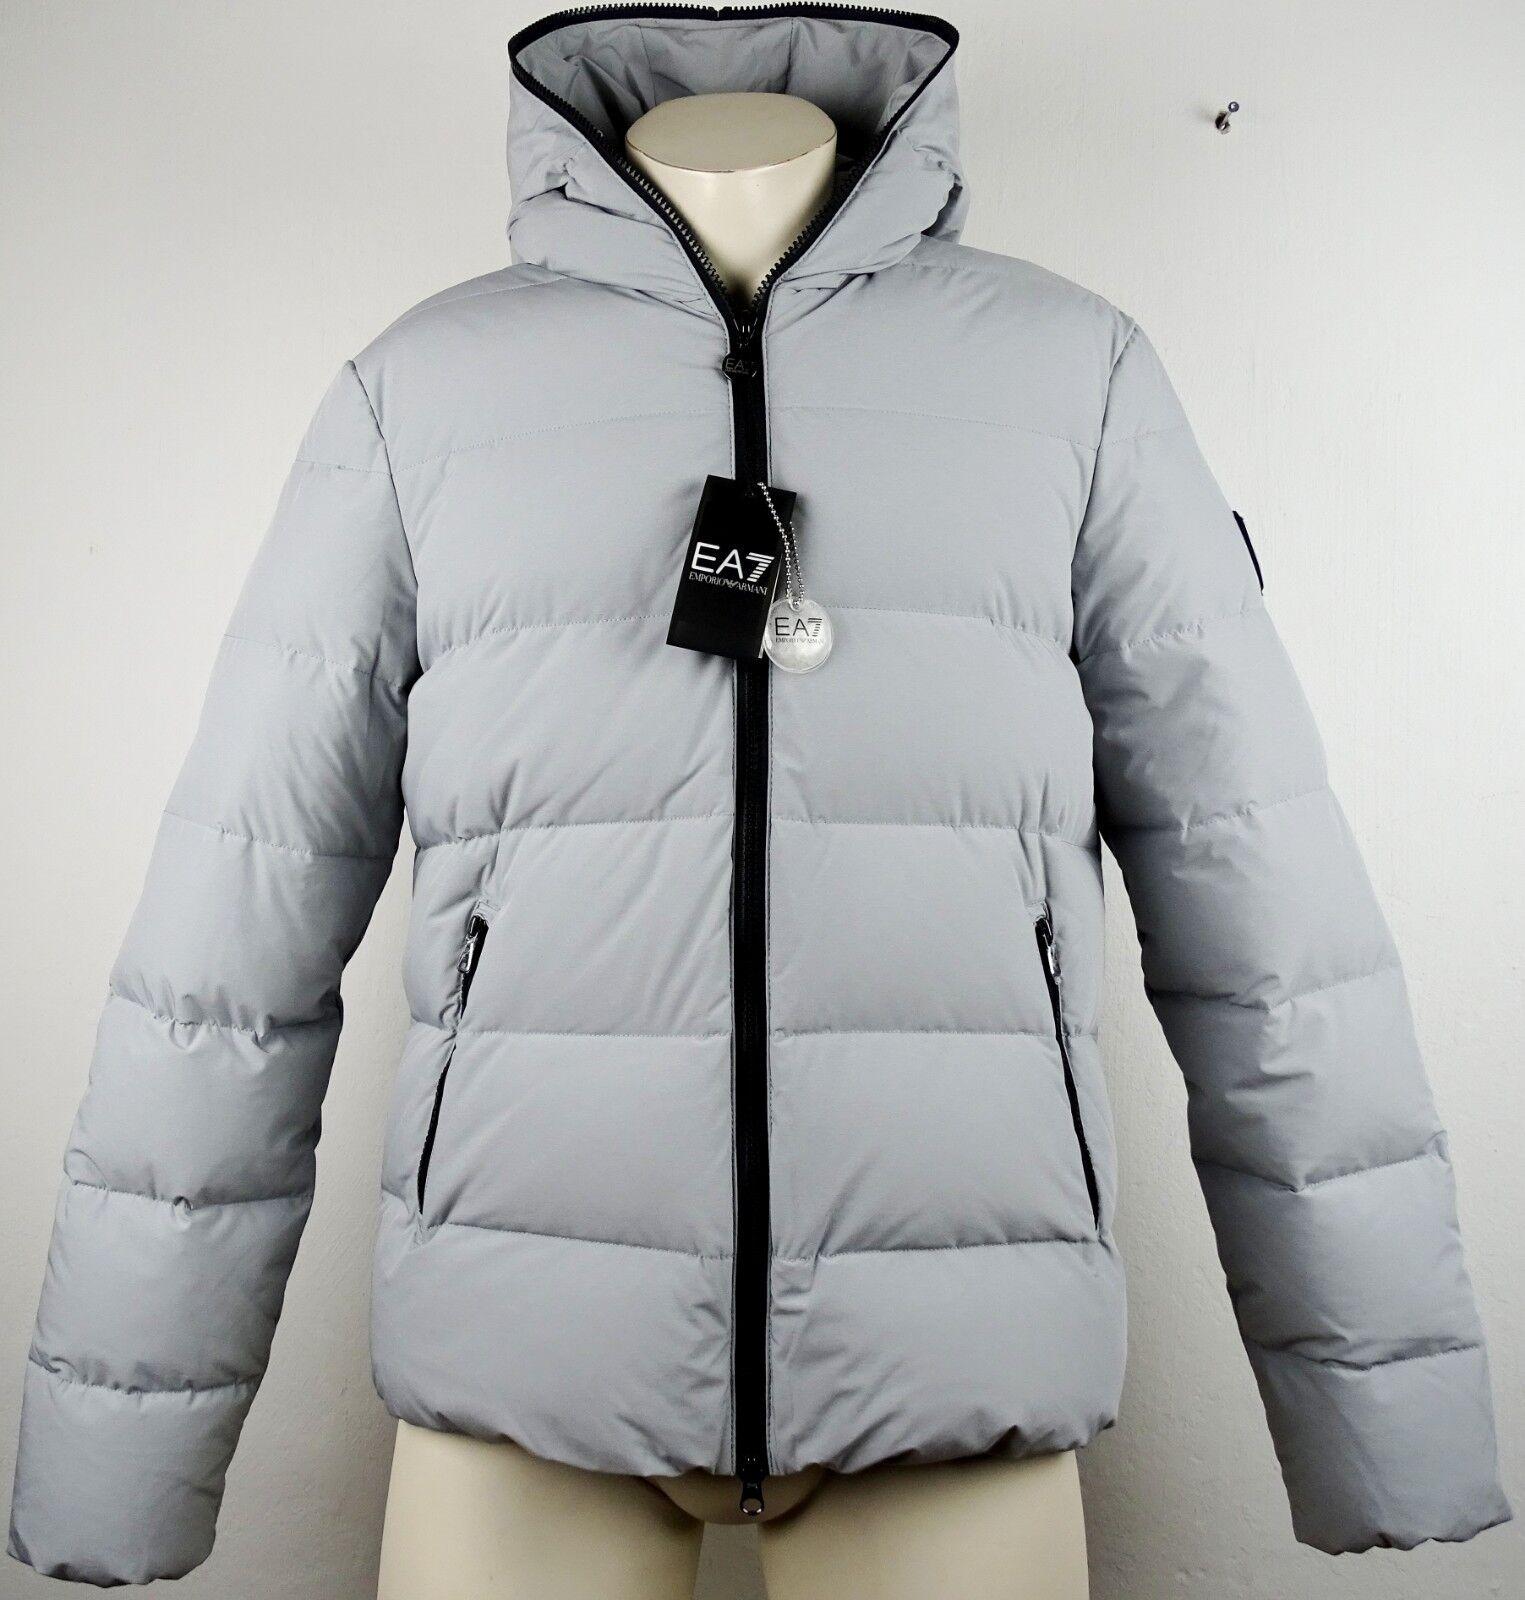 Emporio Down Capuche Armani Homme Doudoune Veste Jacket Taille Neuf 71wfqS7 cb4d5c119ae